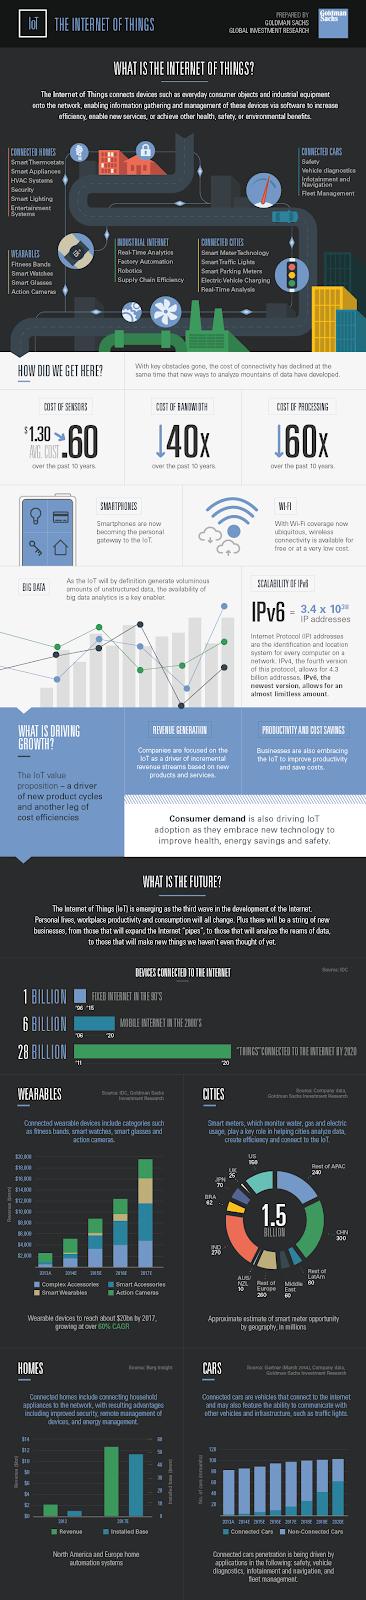 infographic-800x3188